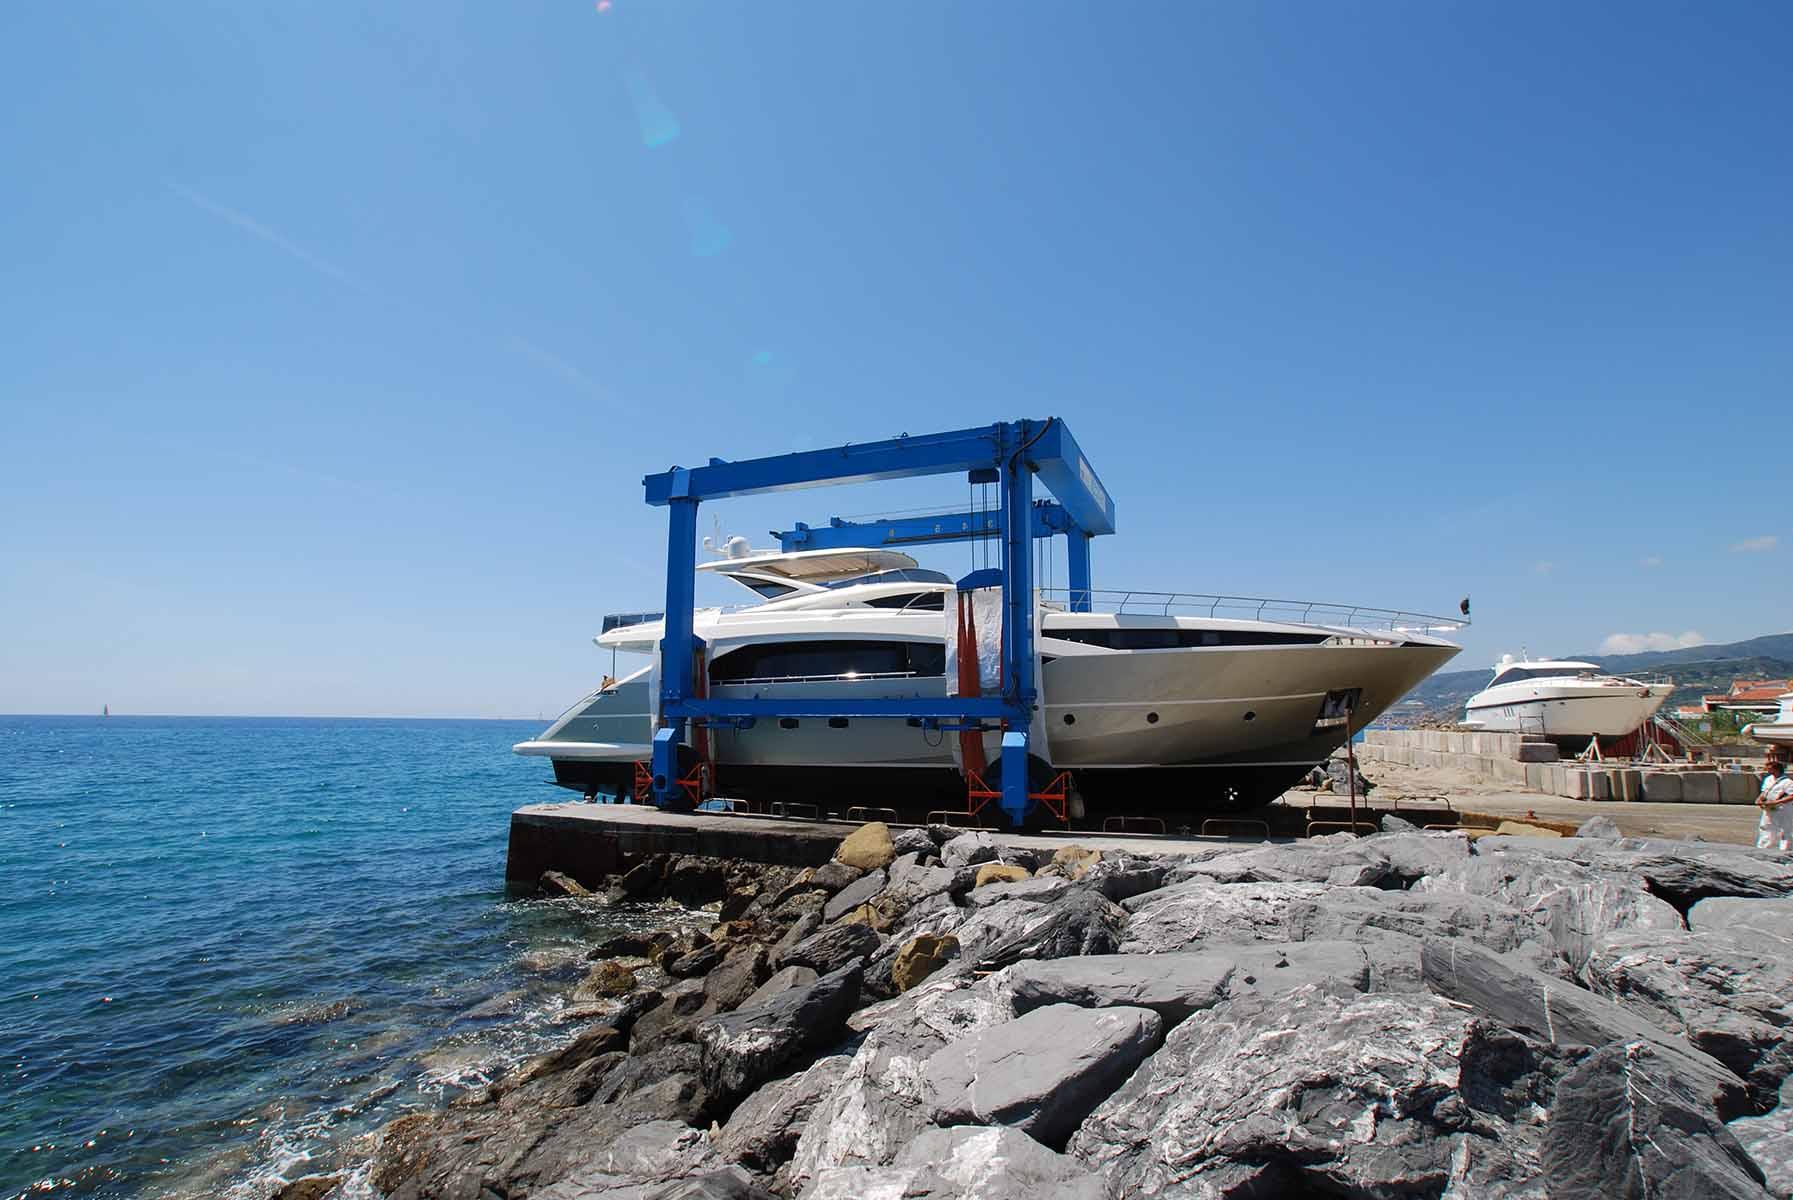 Cantieri del Mediterraneo - DSC_8717